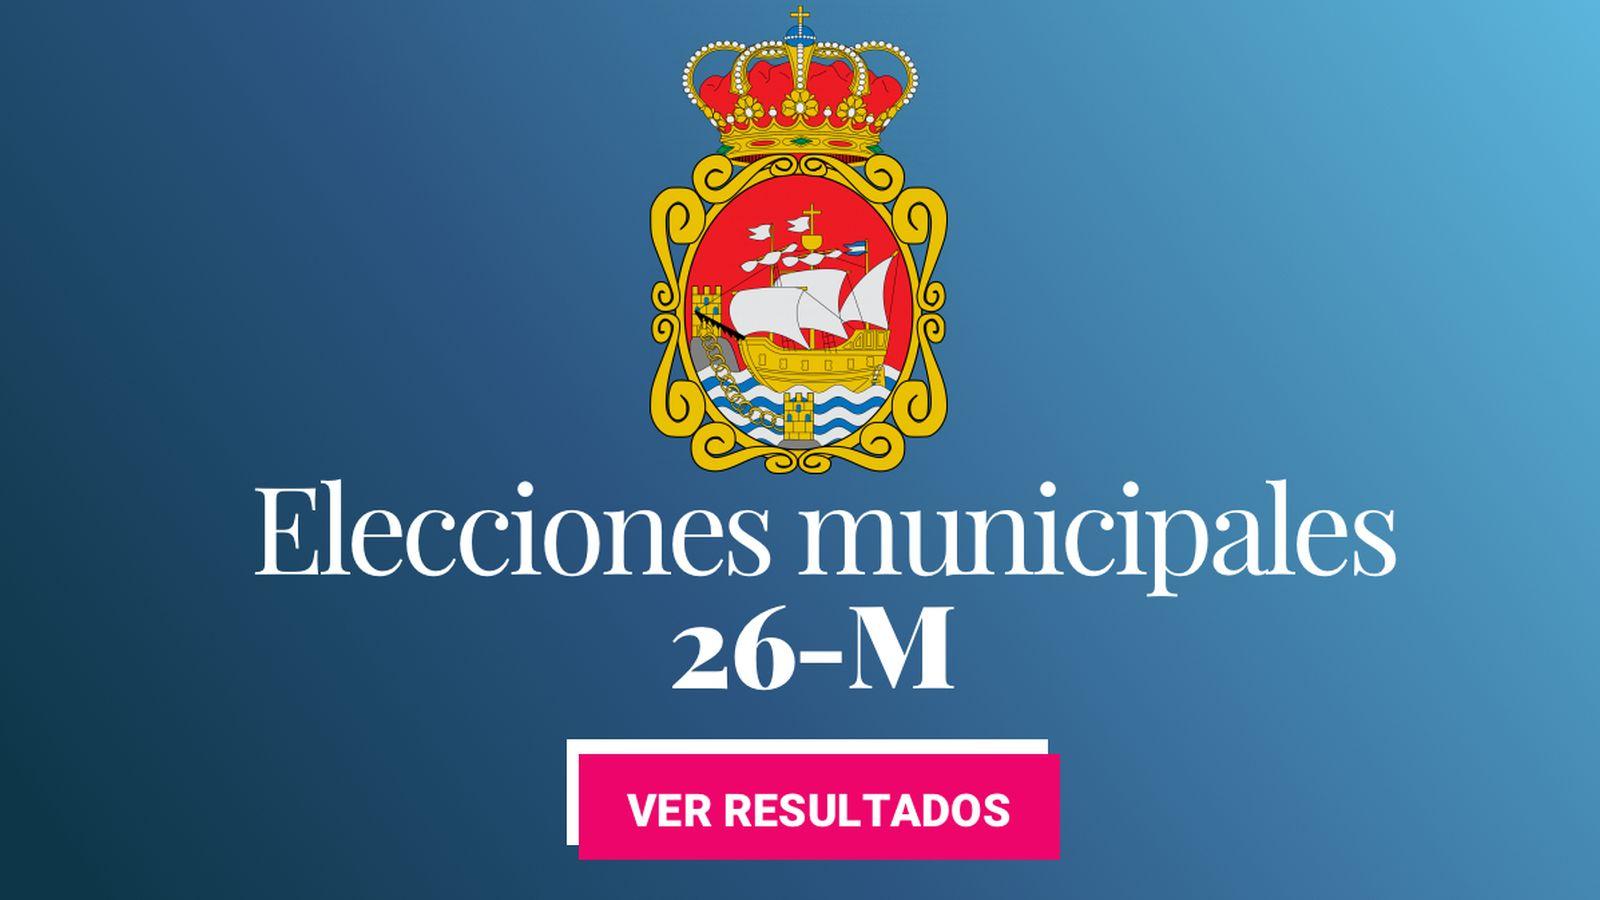 Foto: Elecciones municipales 2019 en Avilés. (C.C./EC)